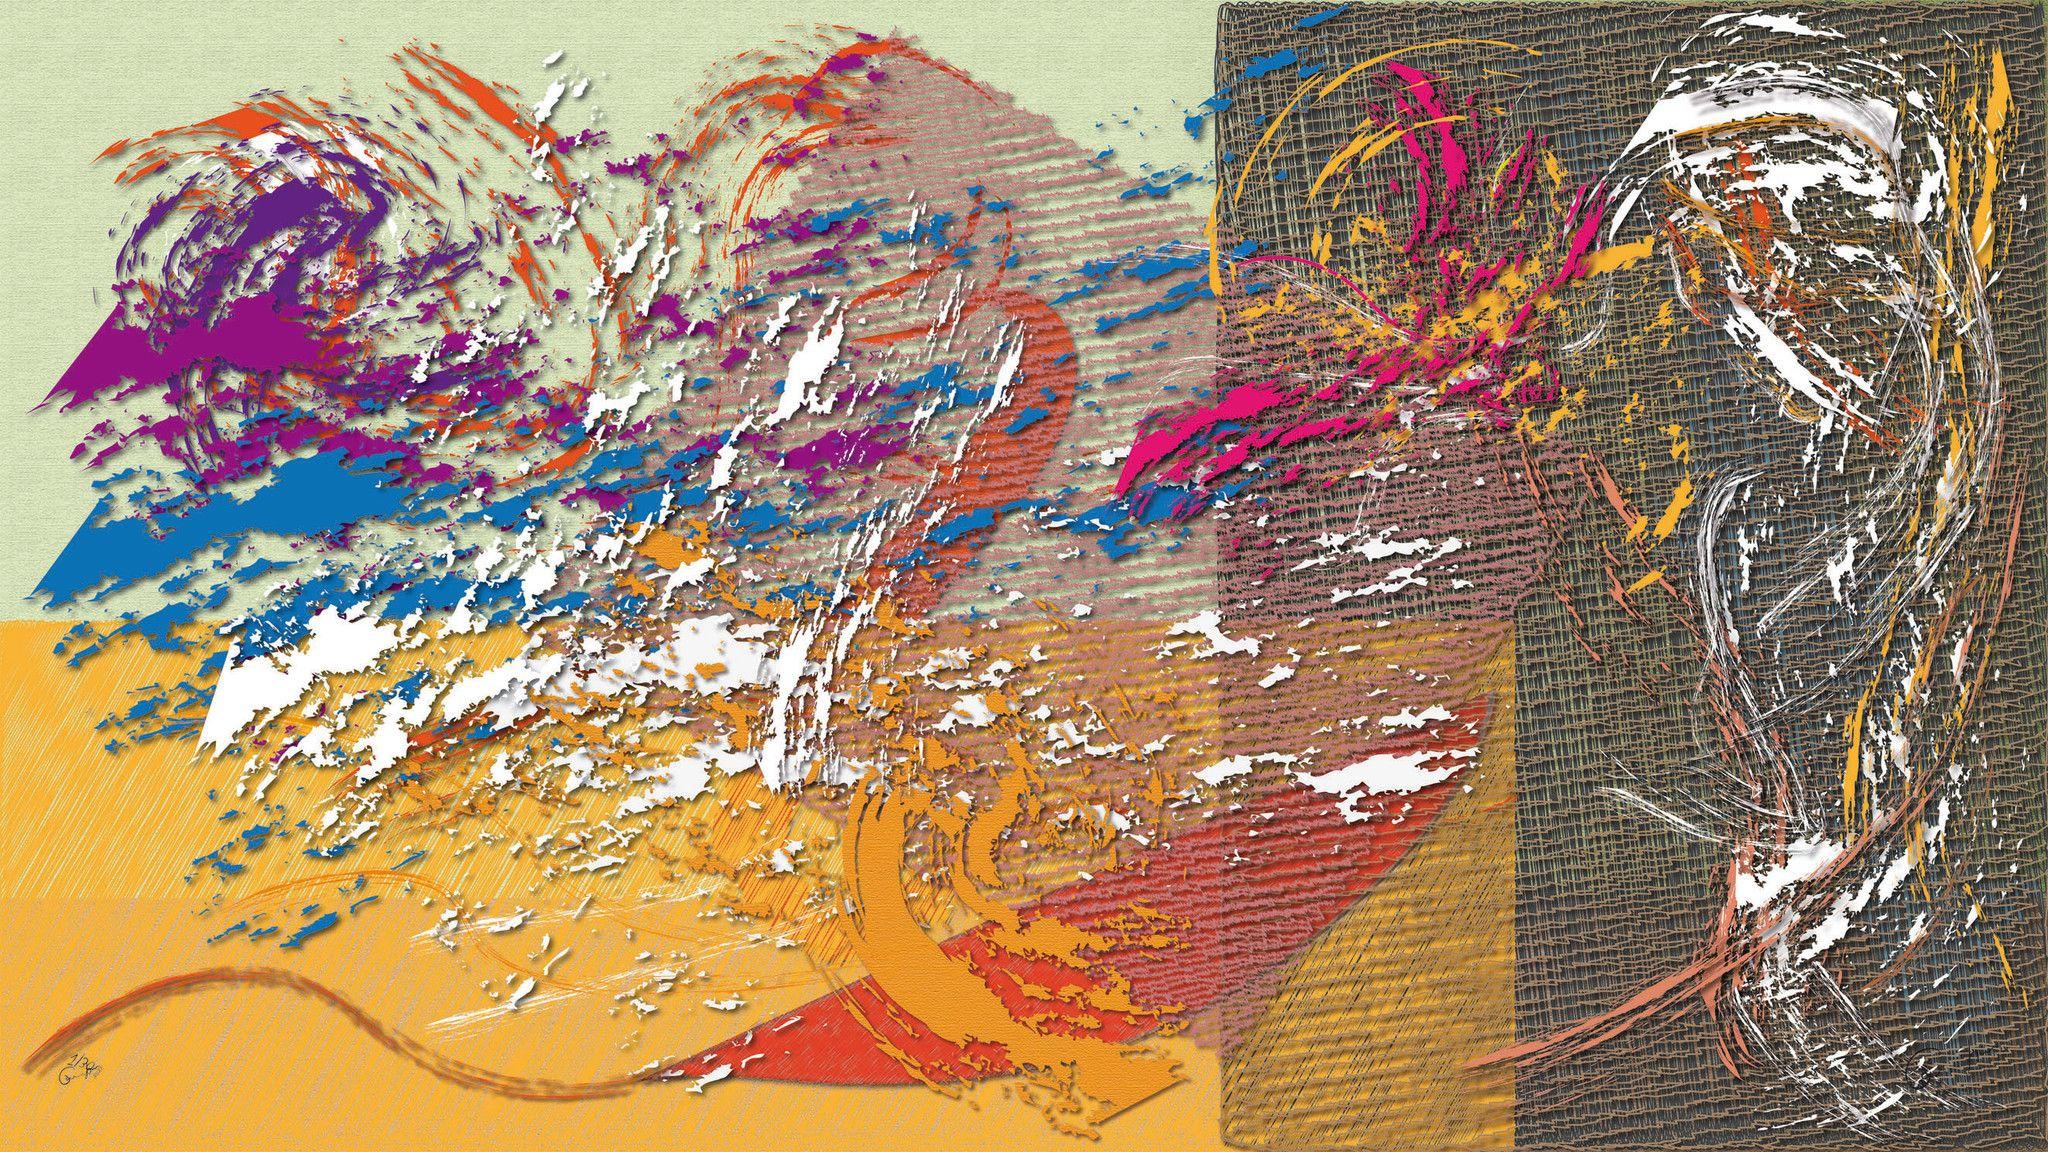 DIGITAL PAINTING CAMILLO BUCCELLA ' A GIPSY IDEA '  dimensioni L 144 x H 81 cm.